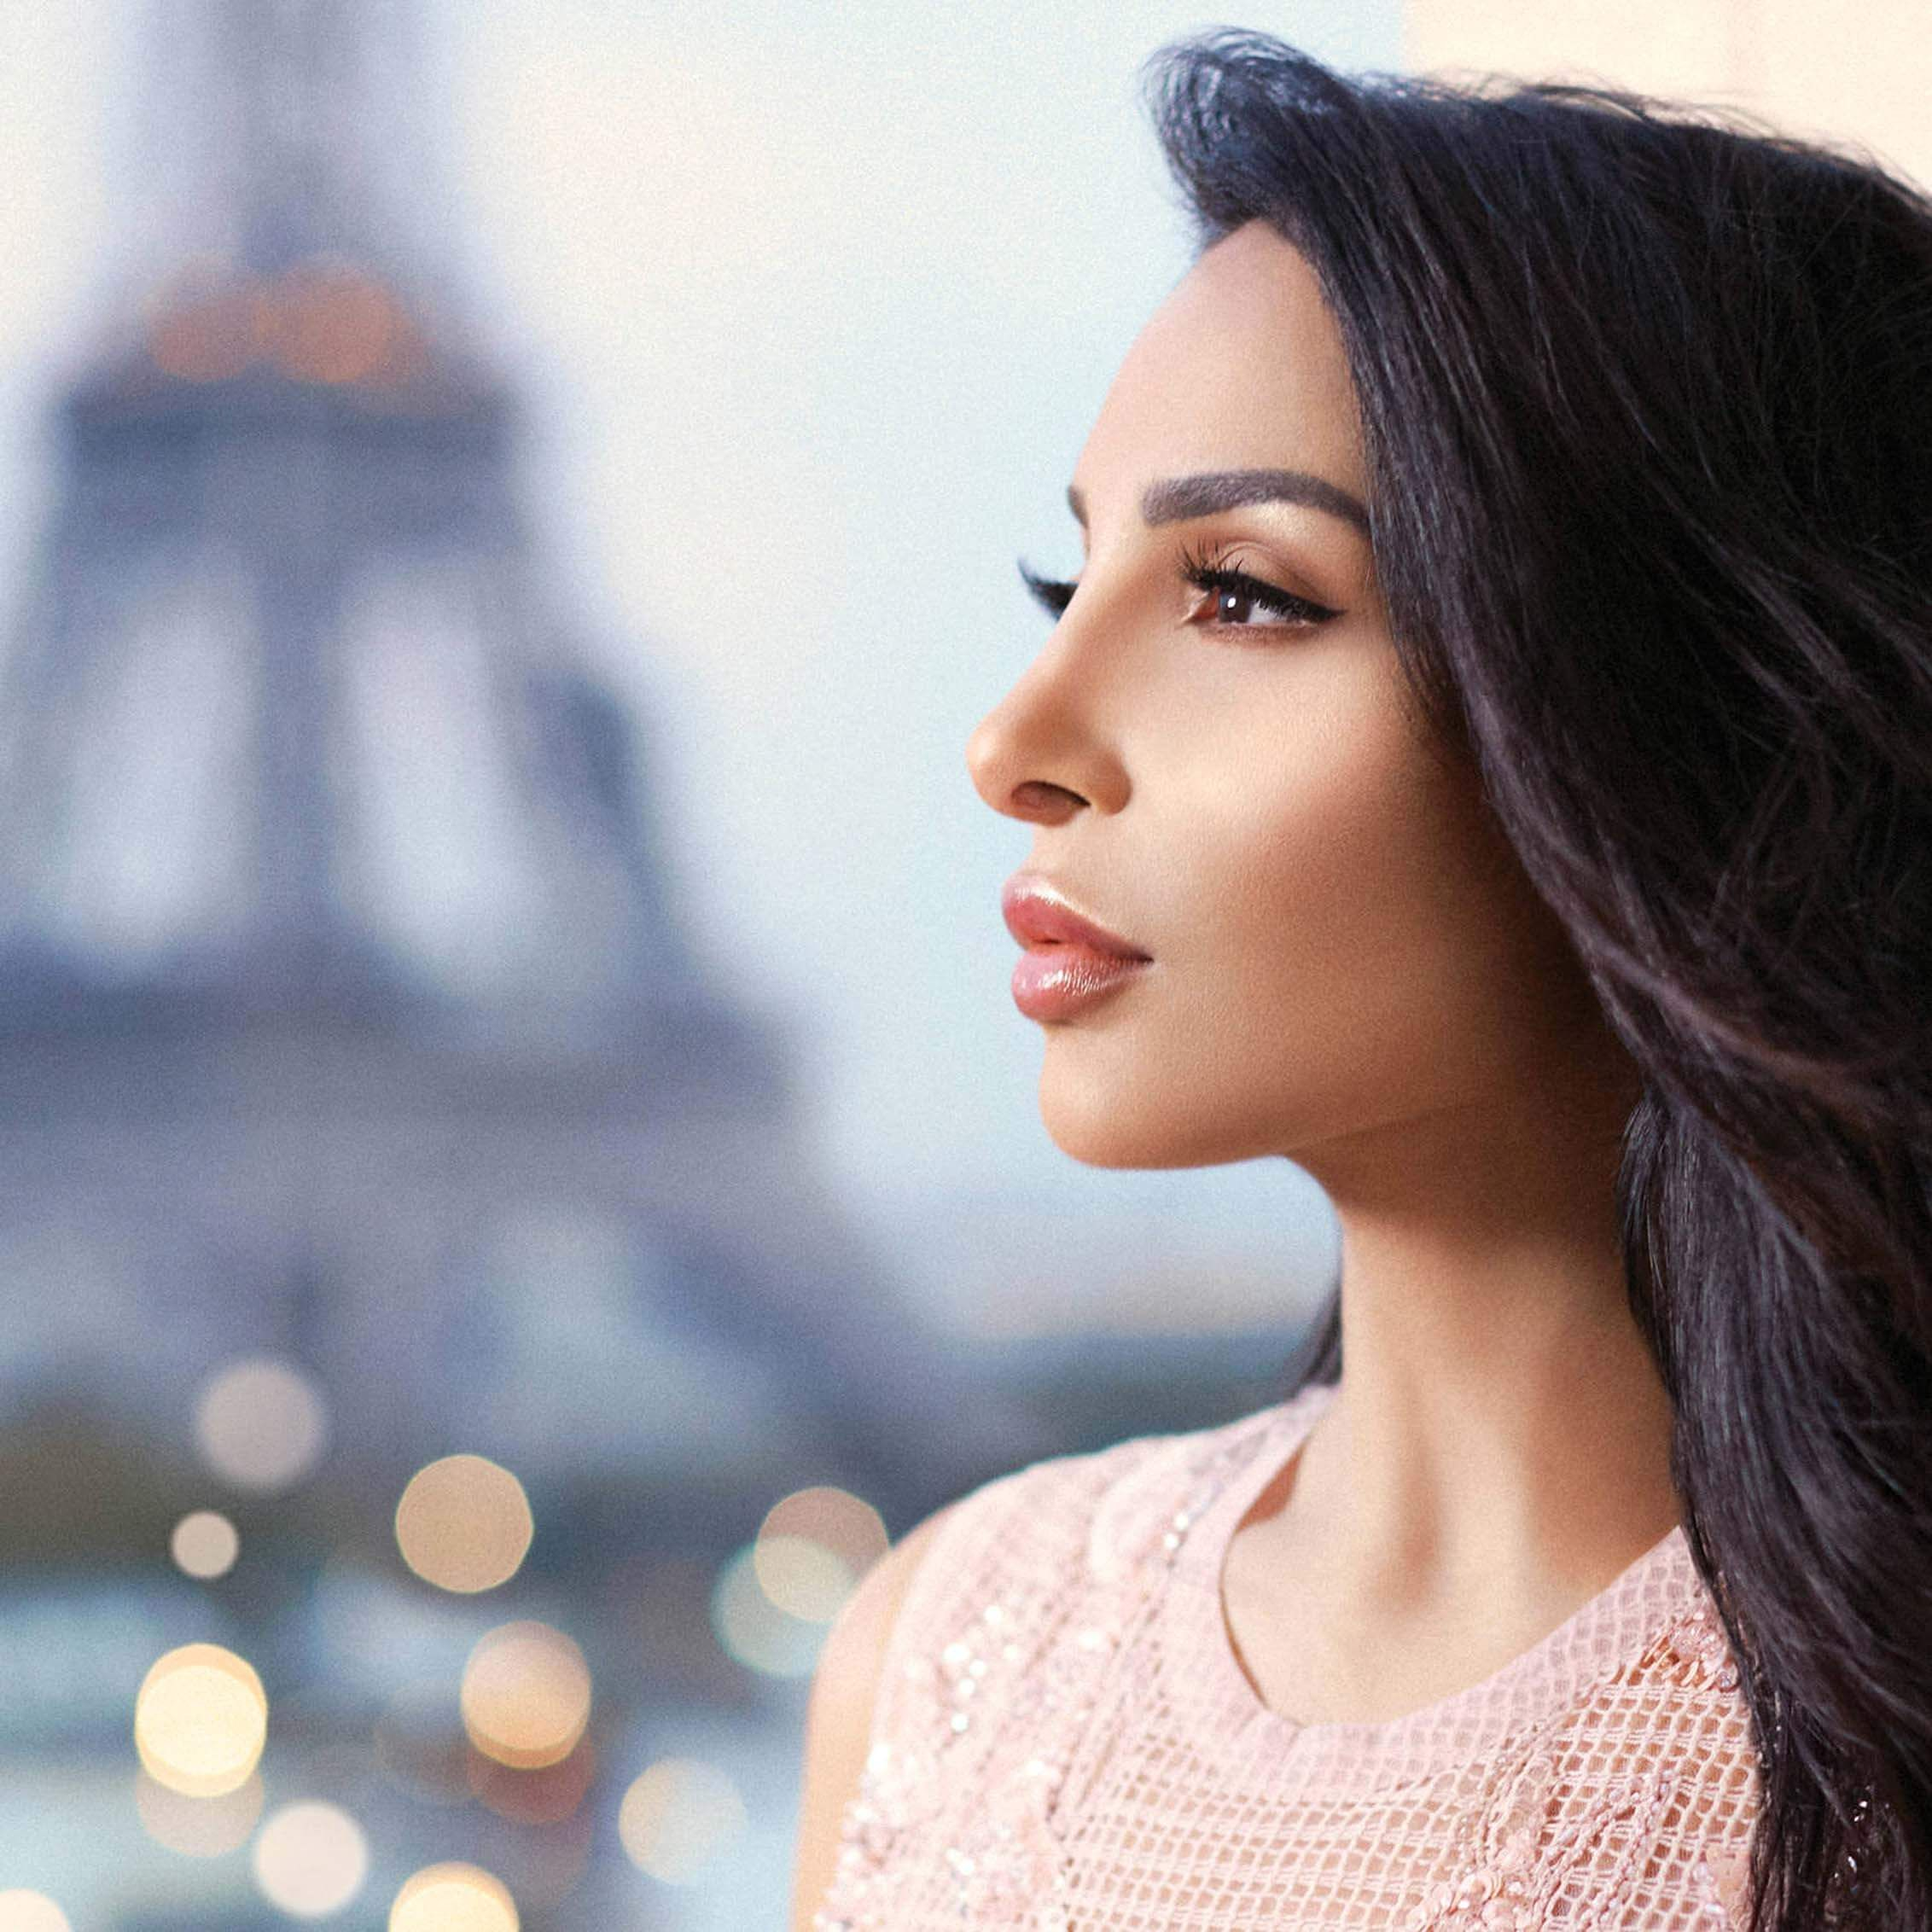 89 Revue Highlighter Parisian Lights Beauty Makeup